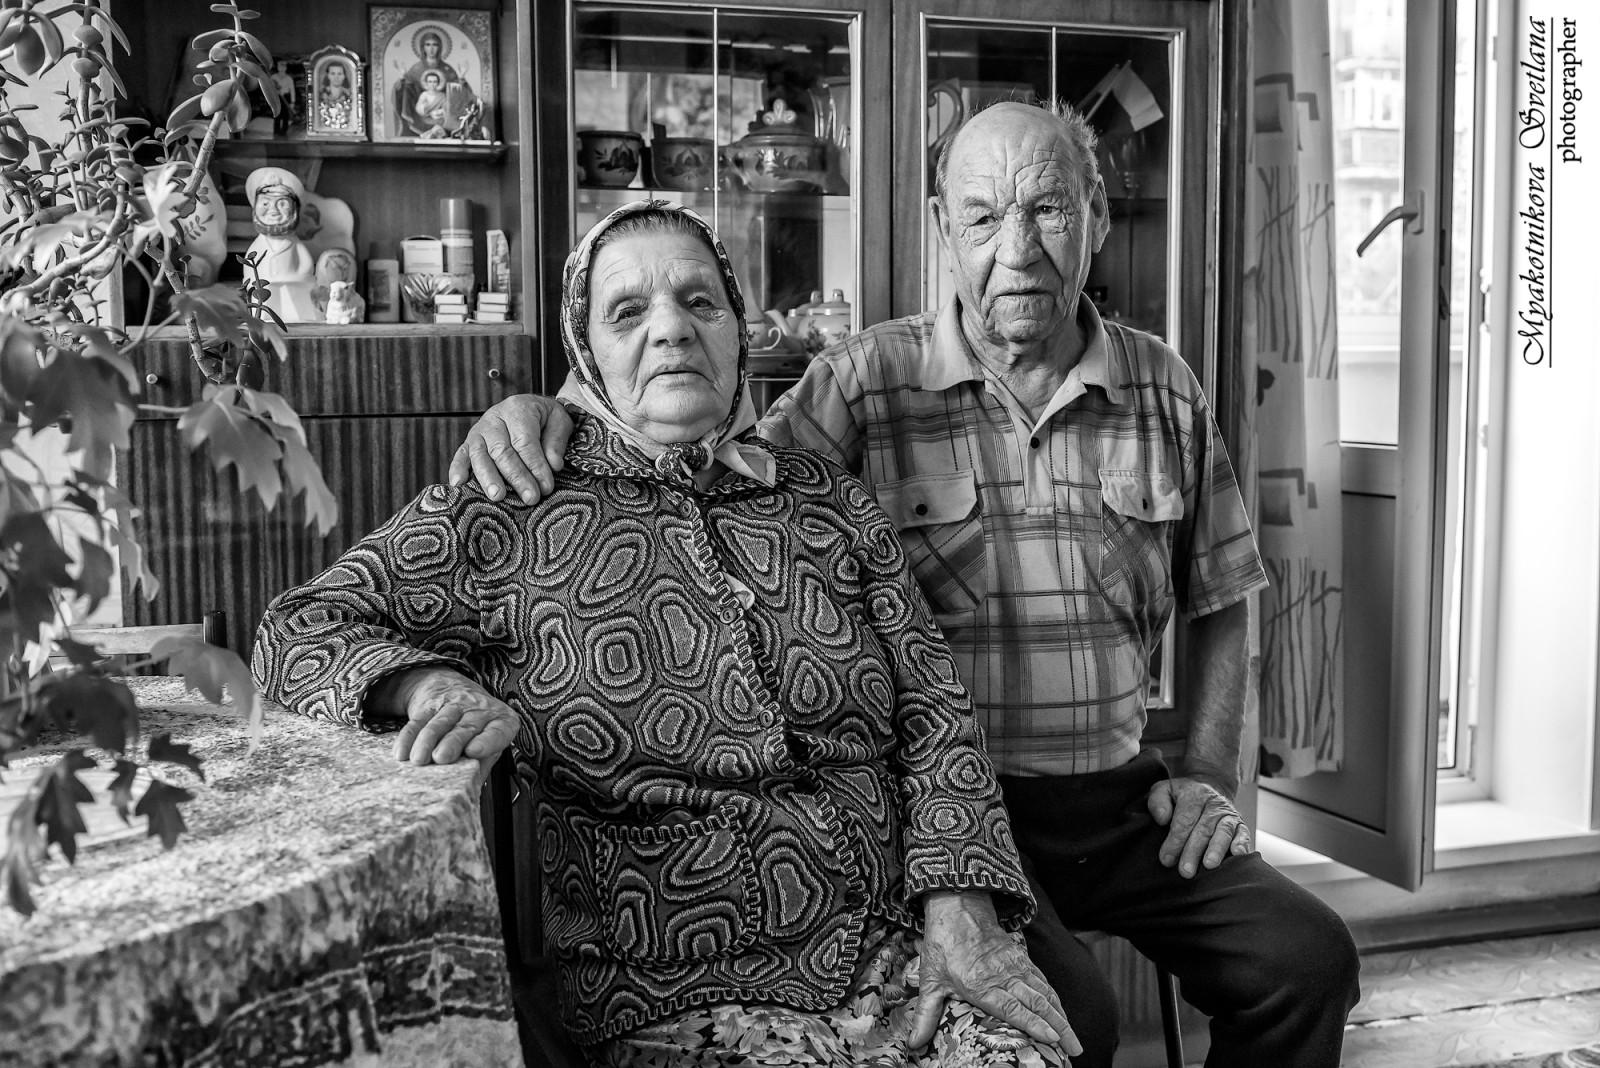 Фото галереи со старушками 9 фотография